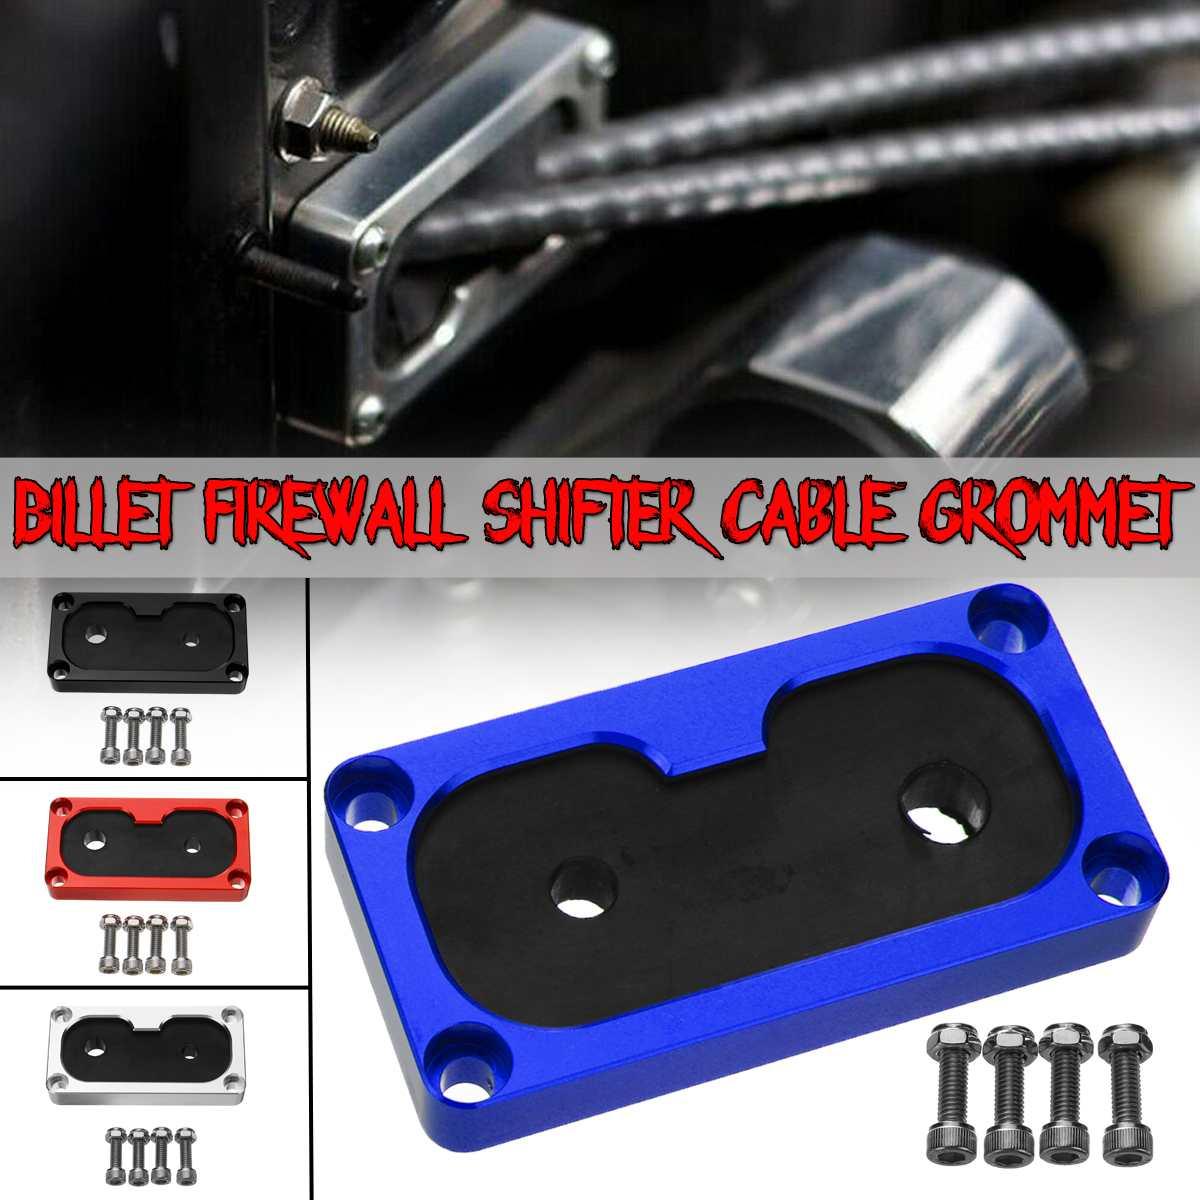 Firewall 4-cor Do Carro de Alumínio Billet Shifter Cabo Grommet Kit de Montagem w/Série K-Swap Para Honda para Civic K20 Para Acura Integra